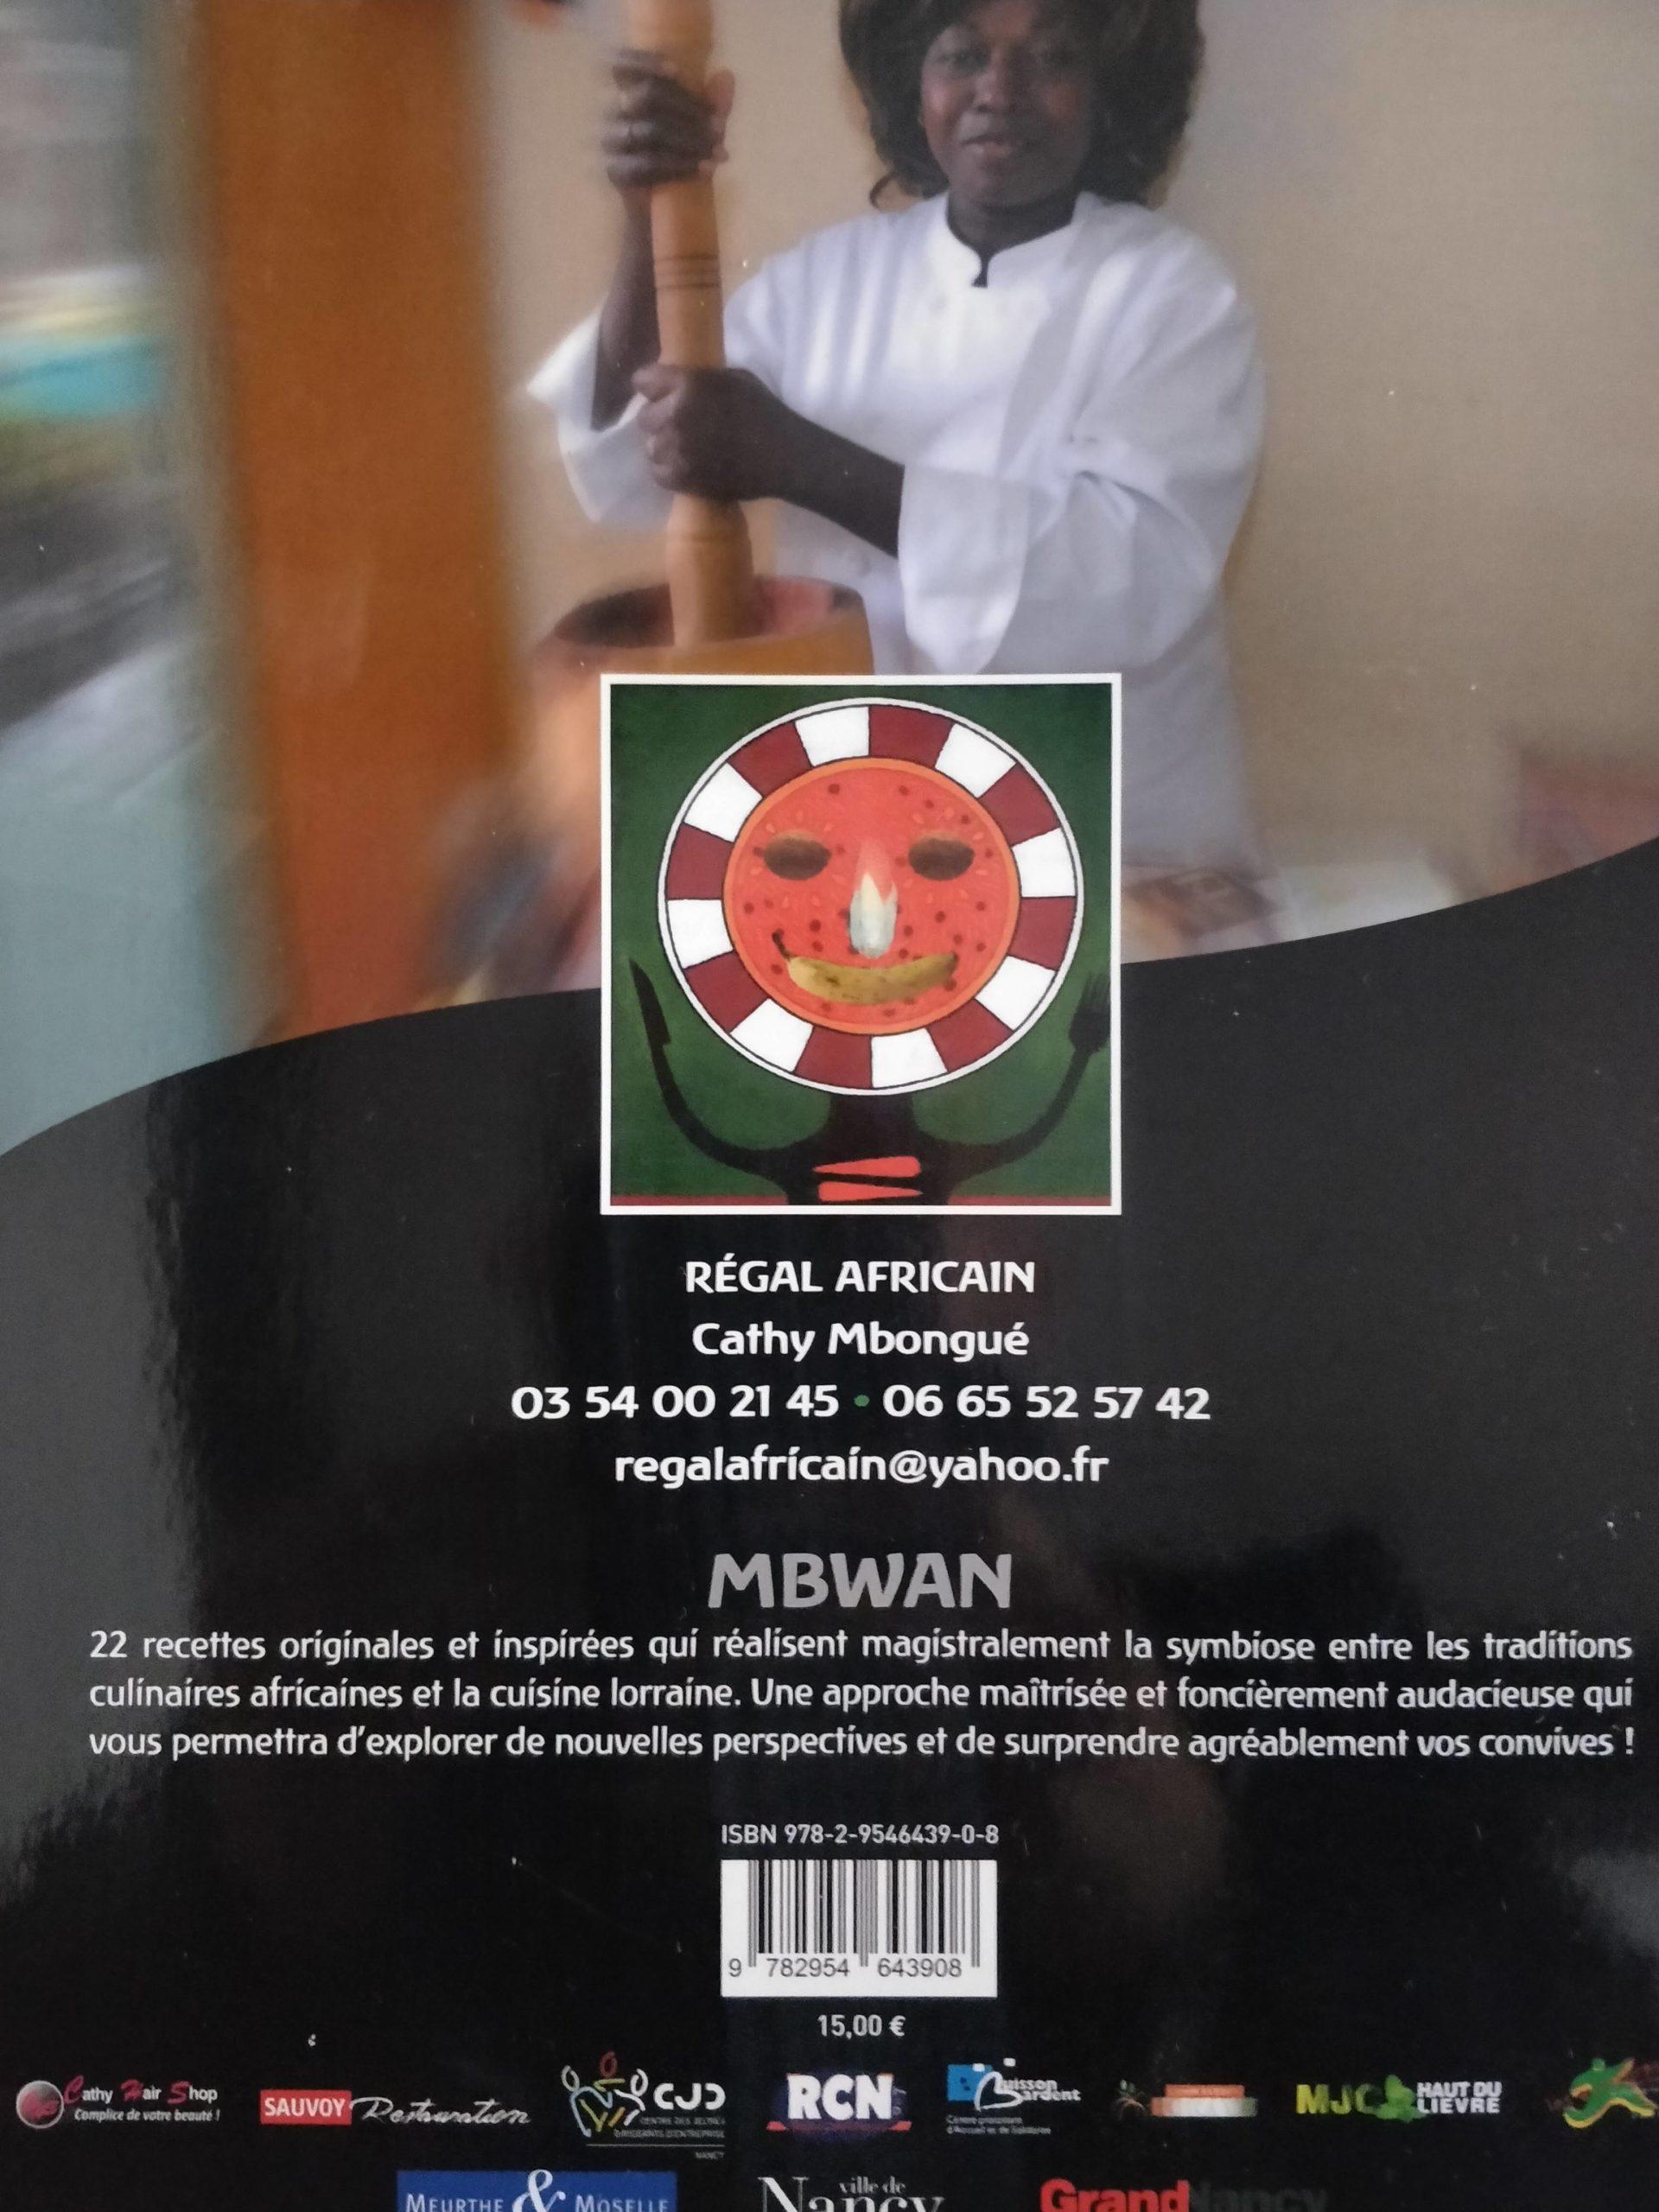 MBWAN - face arrière